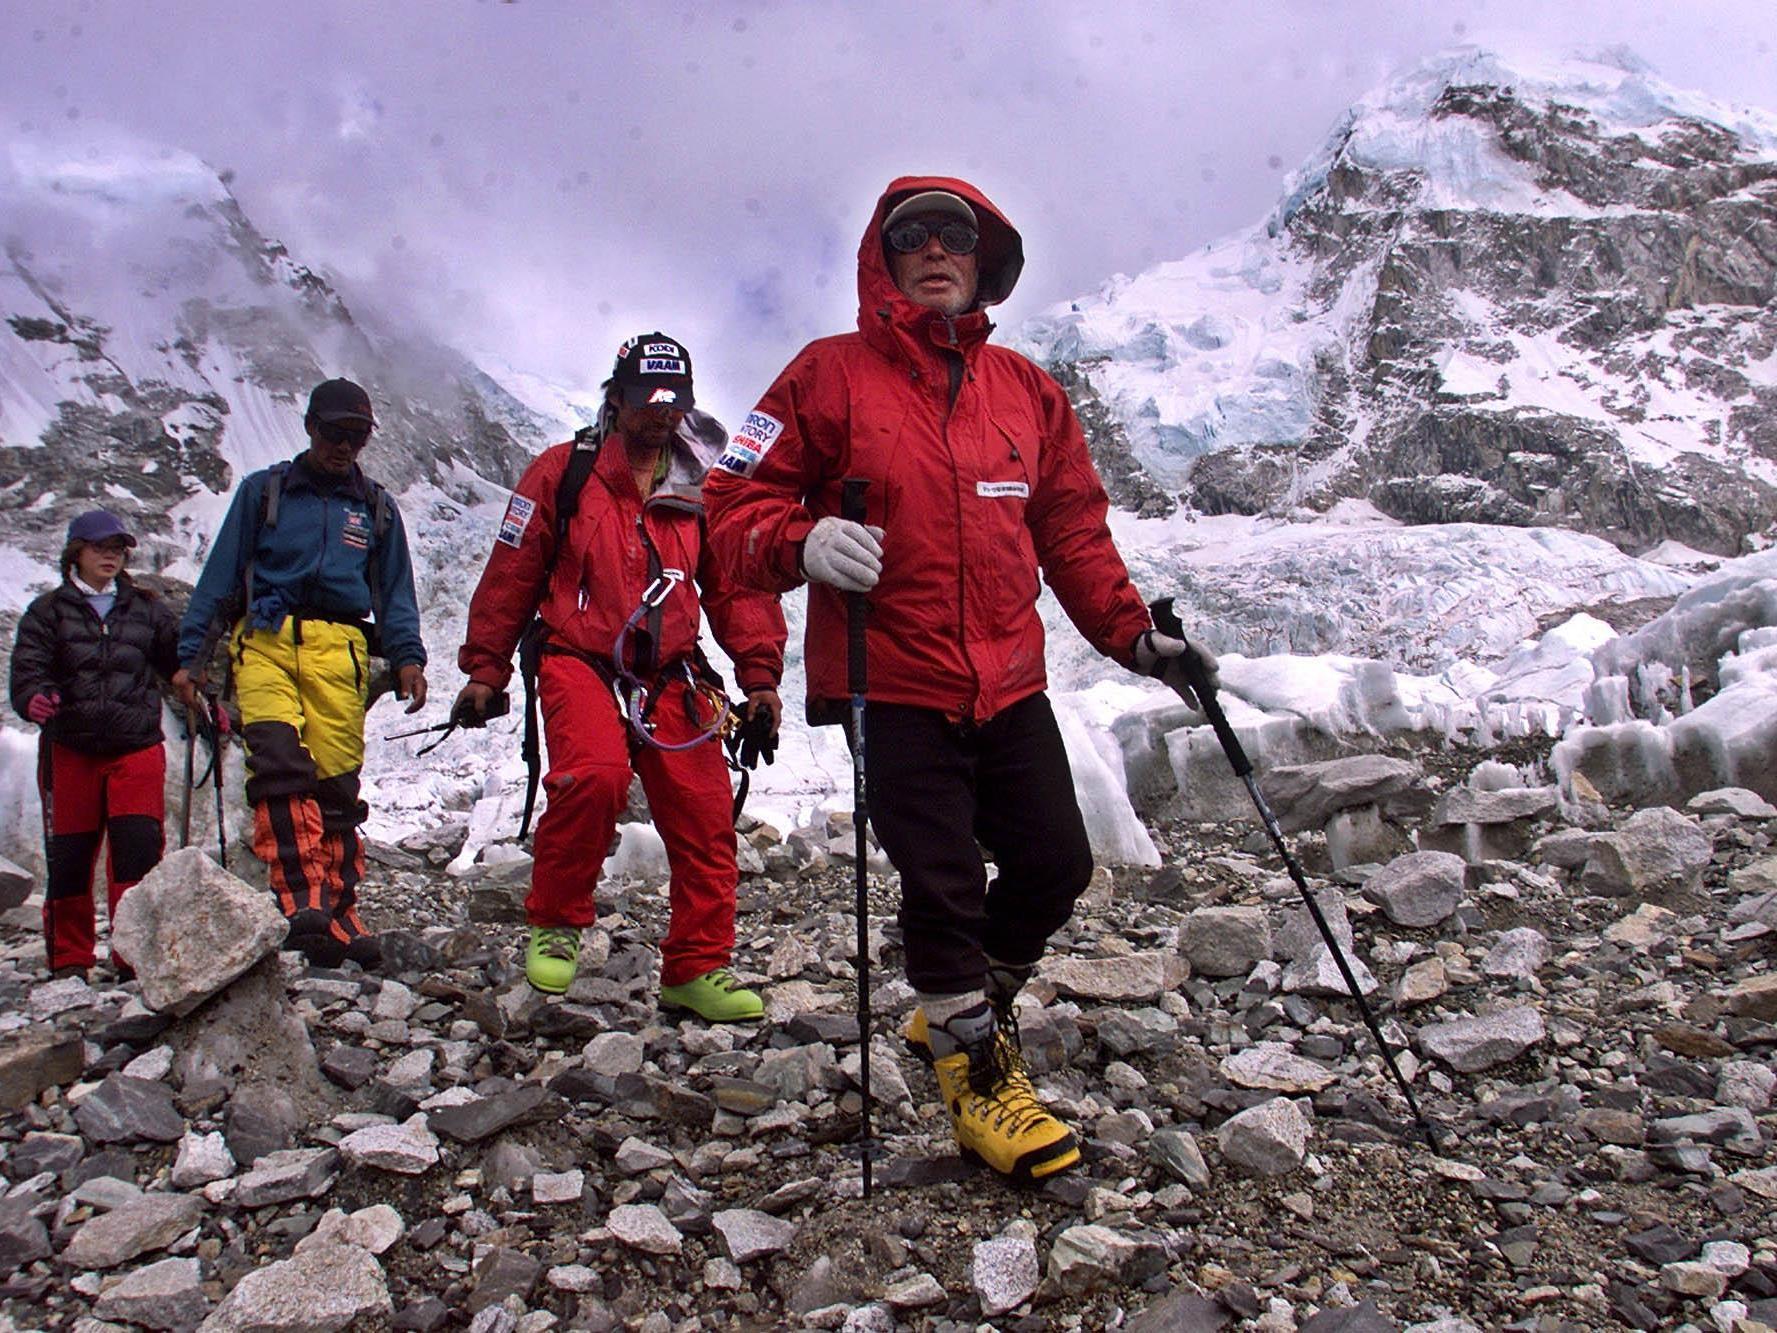 Der Japaner Yuichiro Miura hat den Mount Everest auch schon mit 70 Jahren bezwungen.